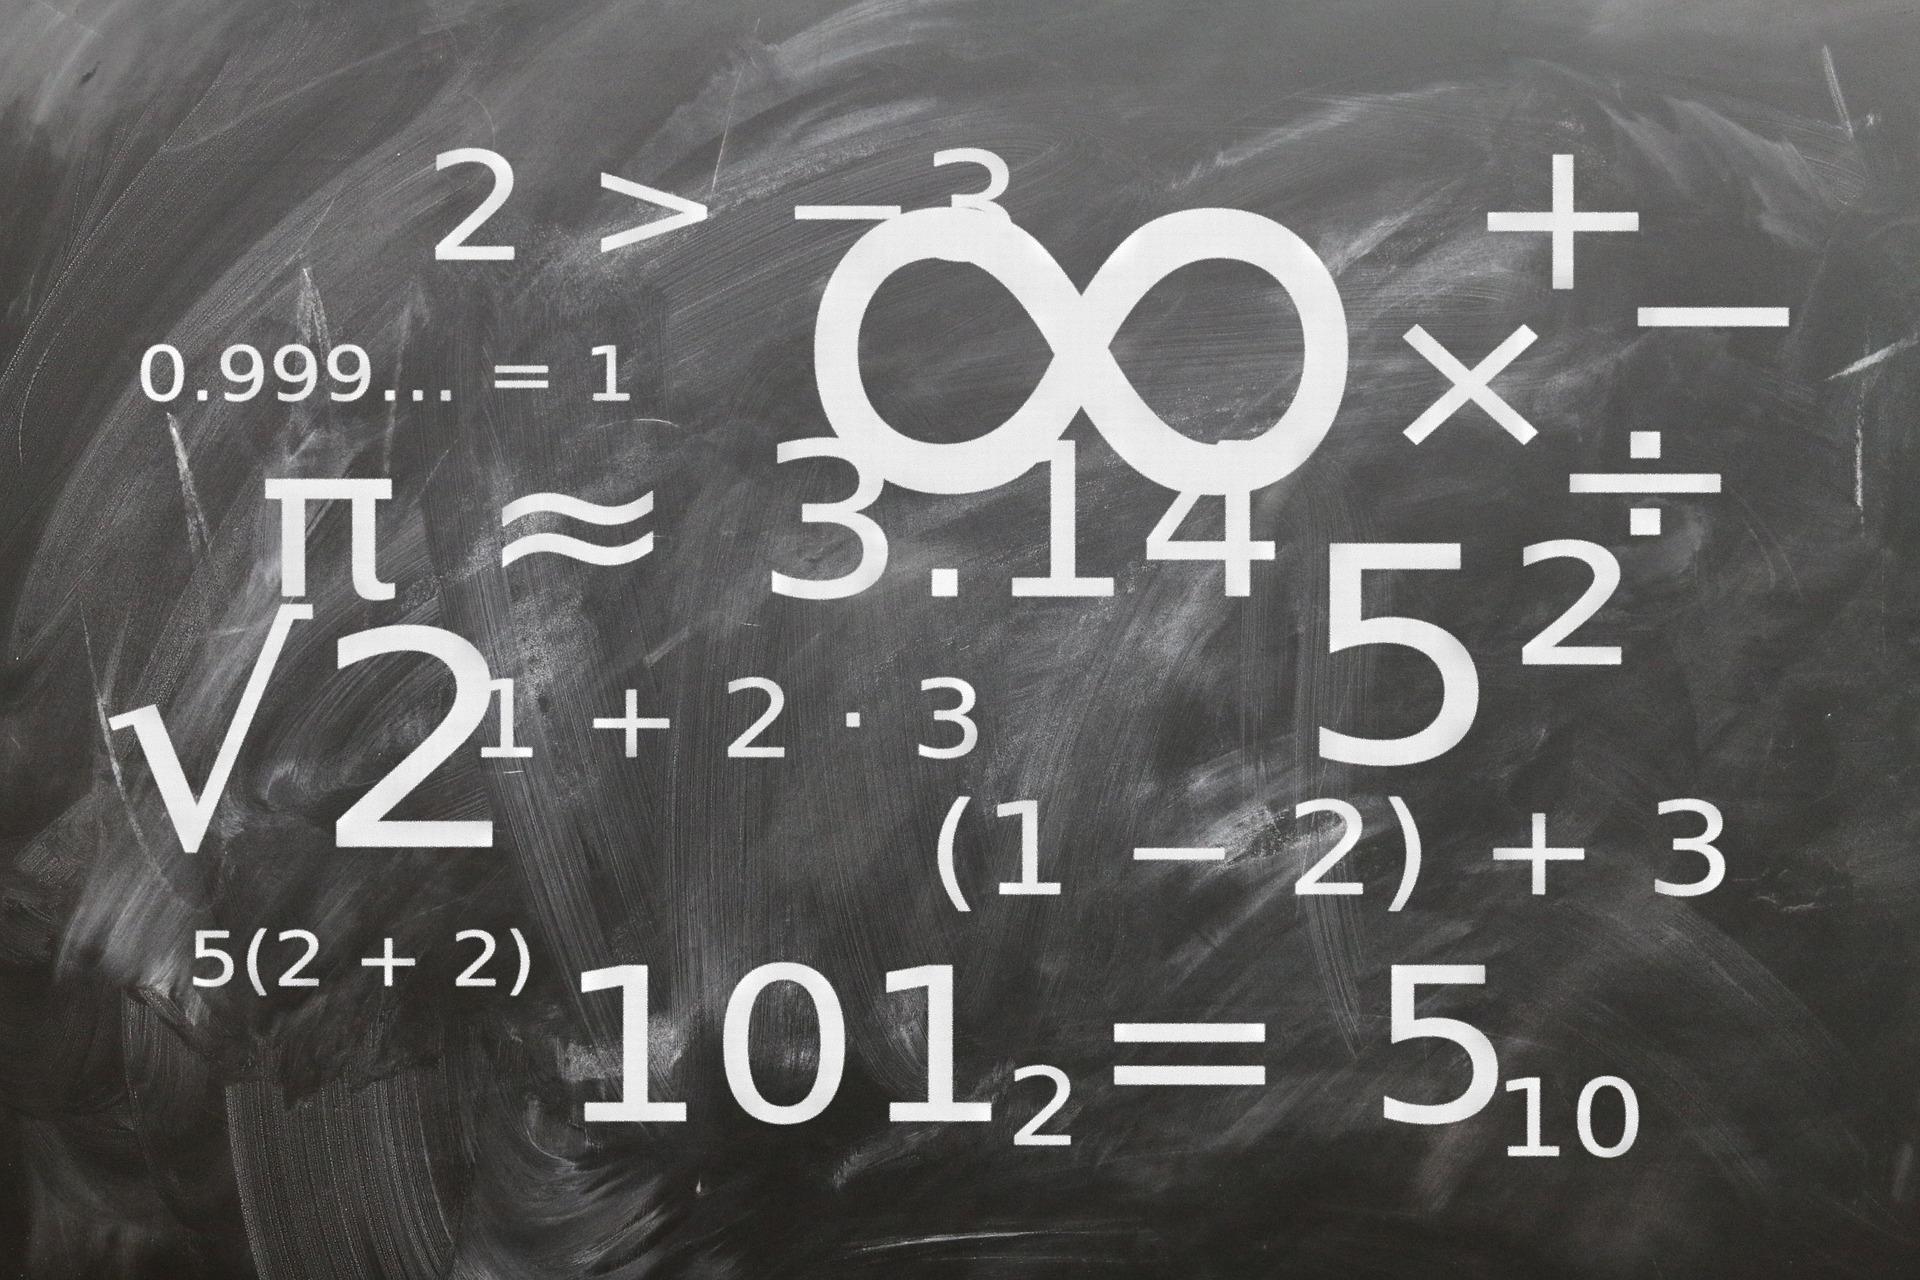 5291715781-grafikaDoQuizowMatematycznych